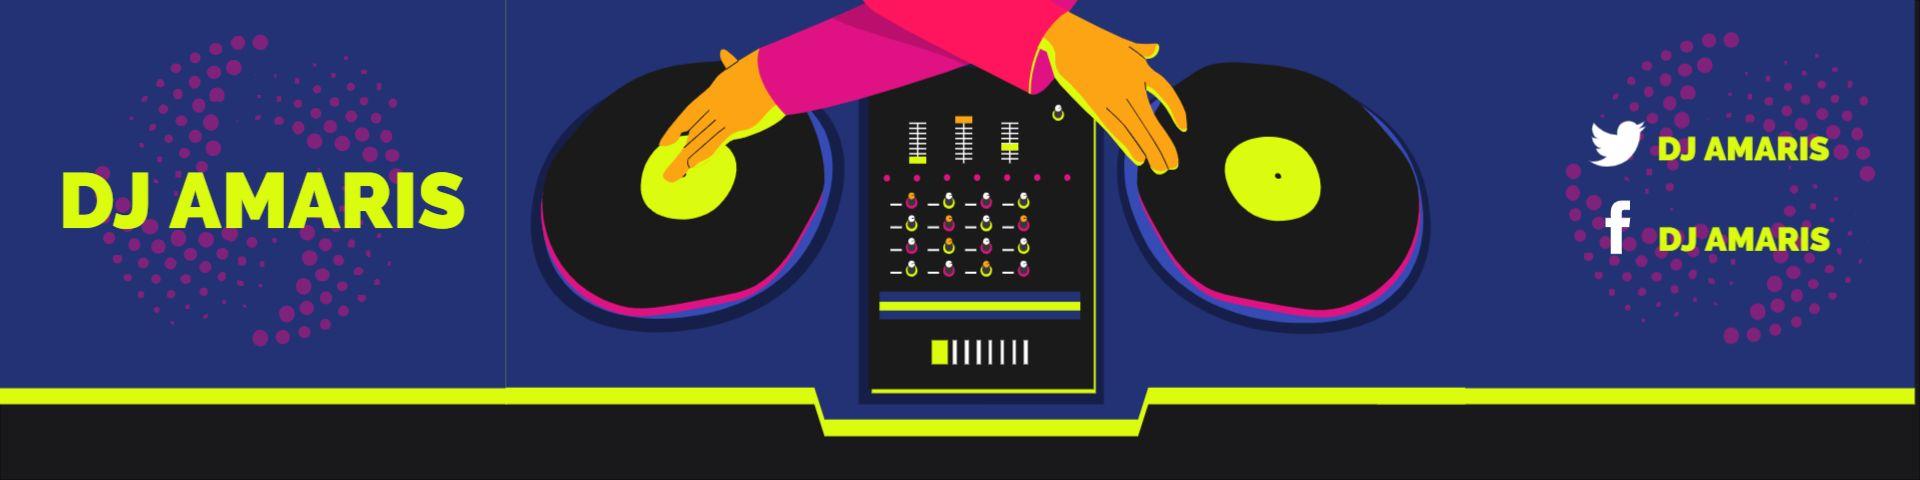 DJ Twitch Channel Heading Banner Design